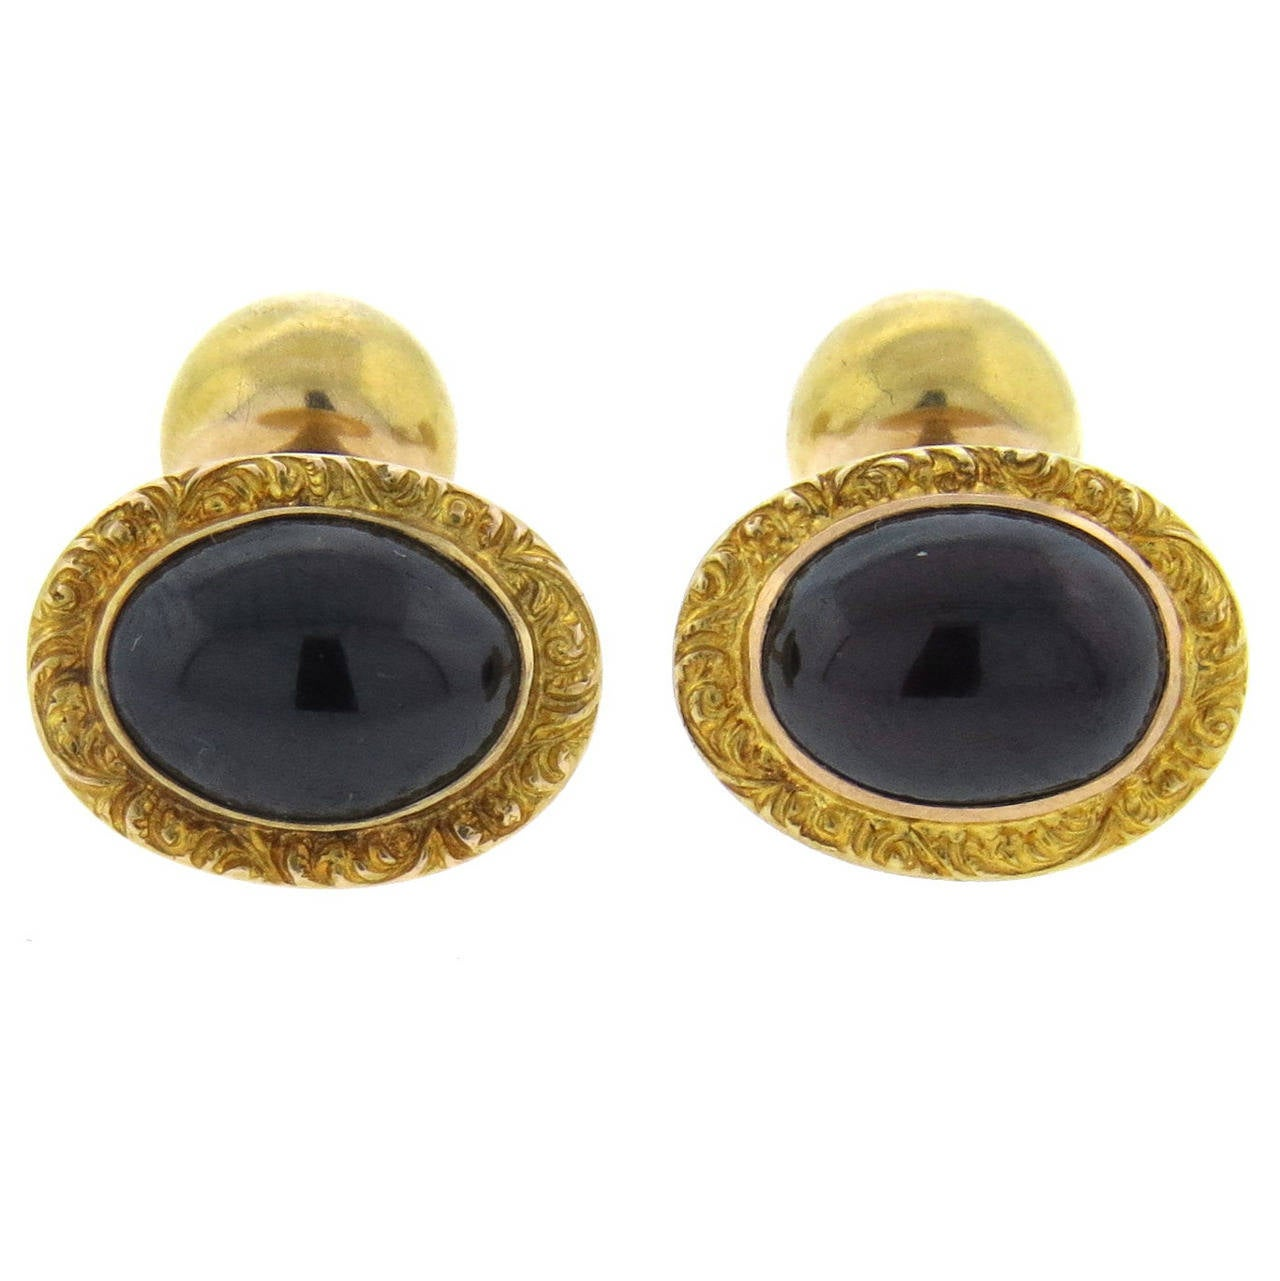 Antique Victorian Garnet Cabochon Gold Cufflinks